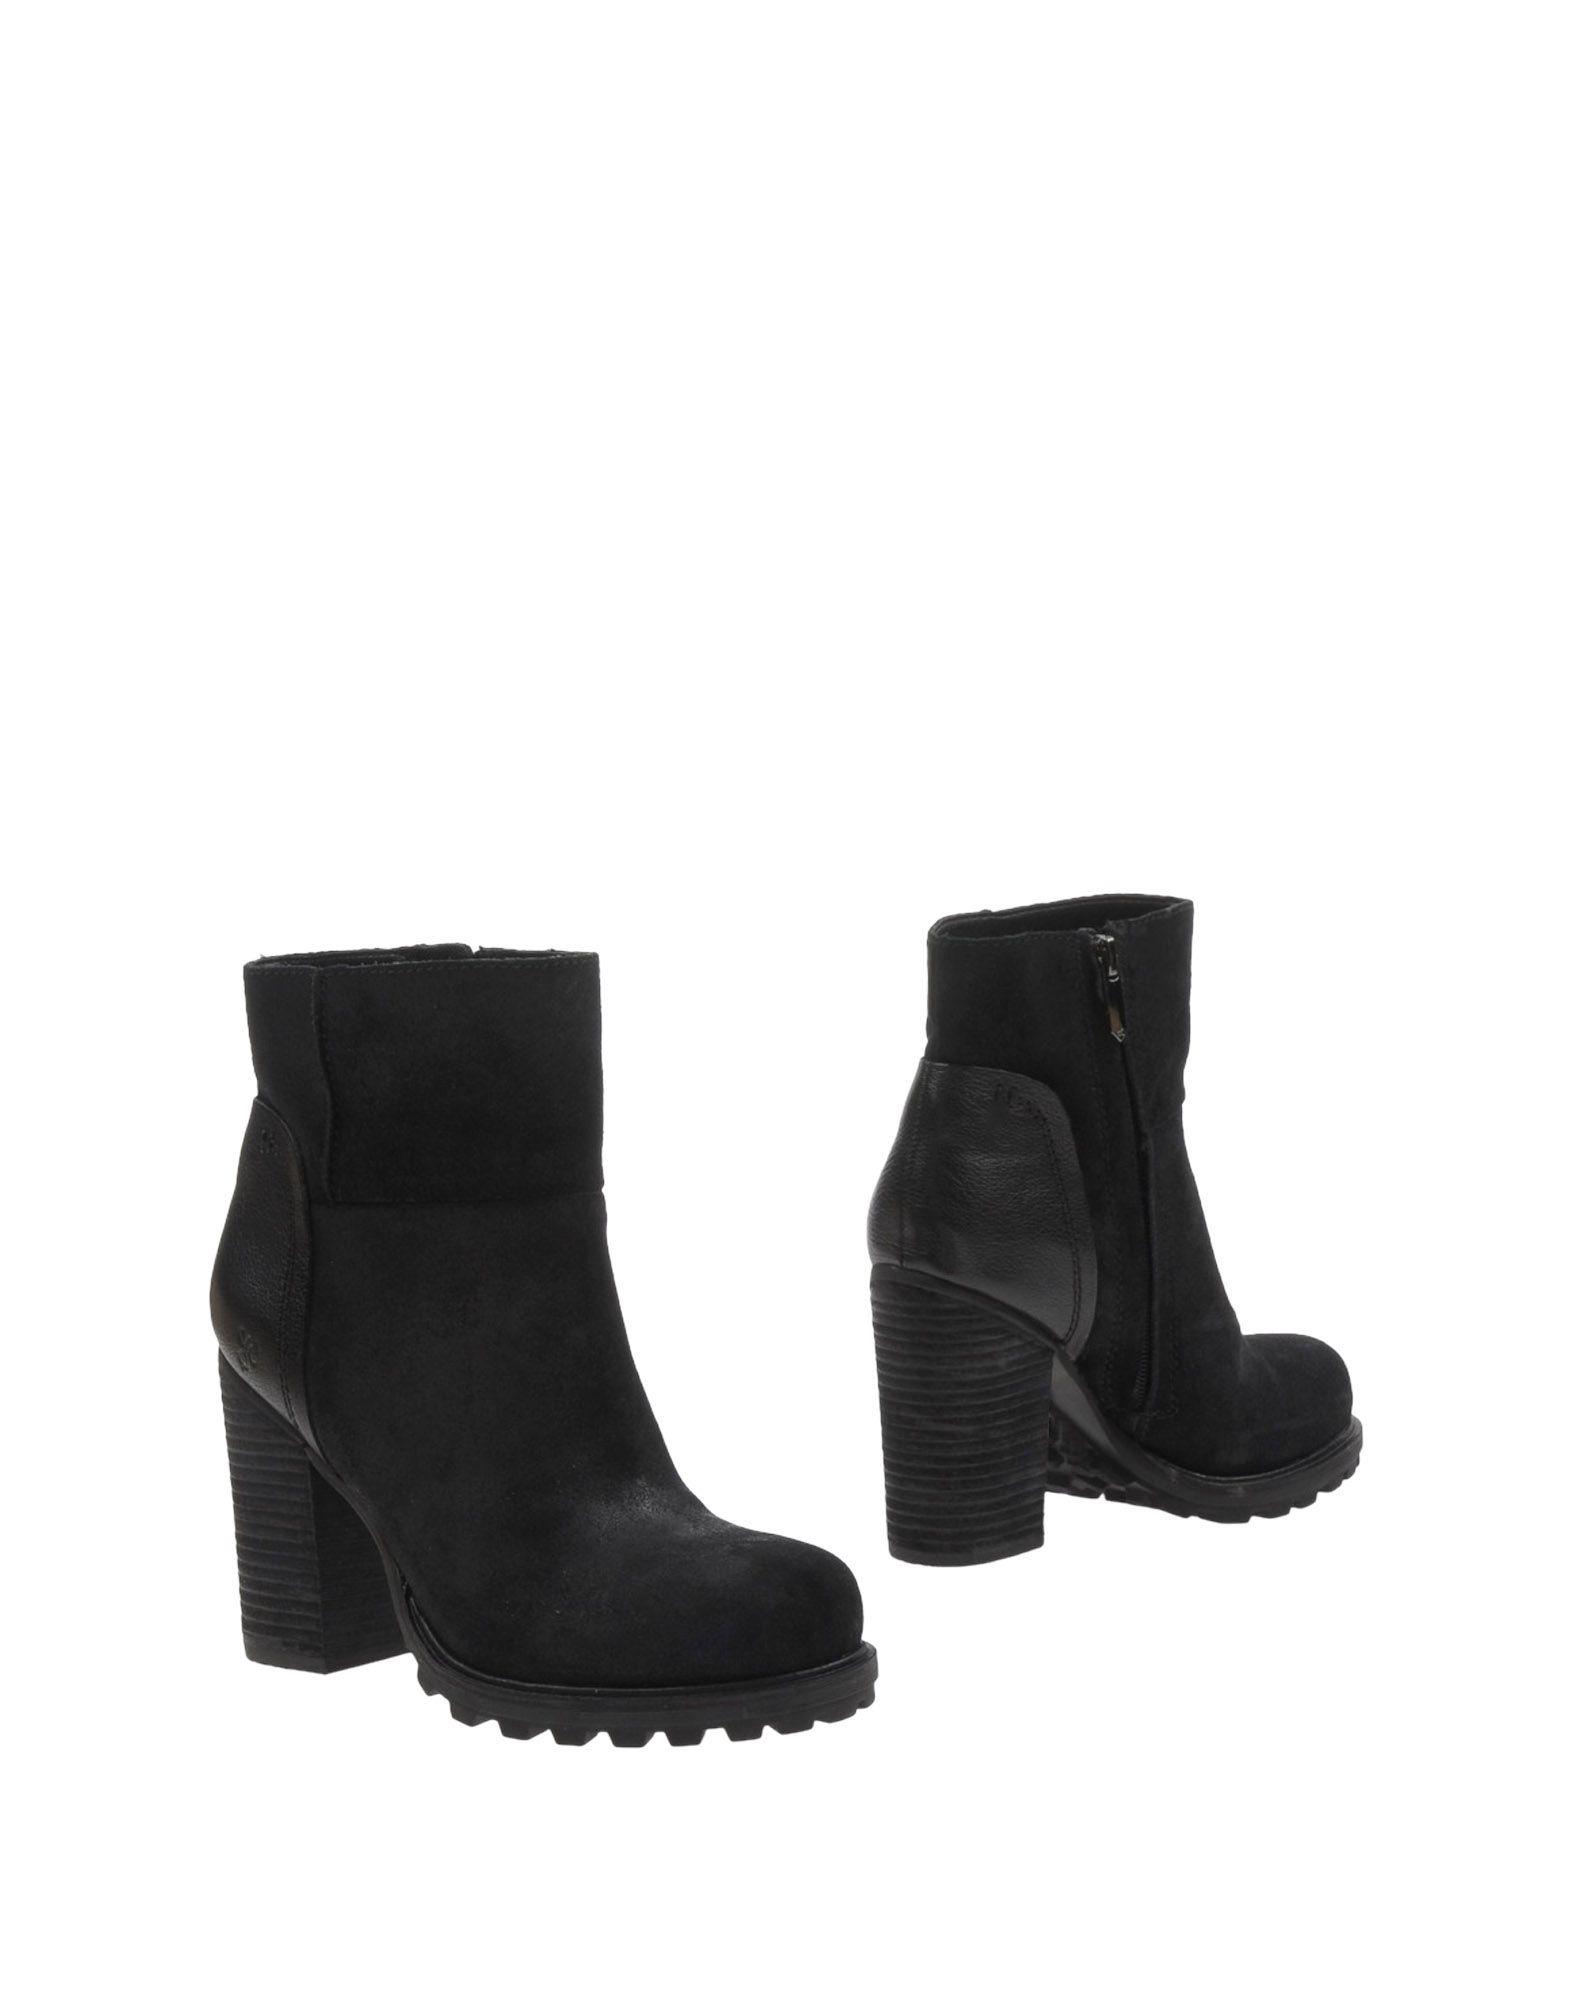 SAM EDELMAN Полусапоги и высокие ботинки цены онлайн